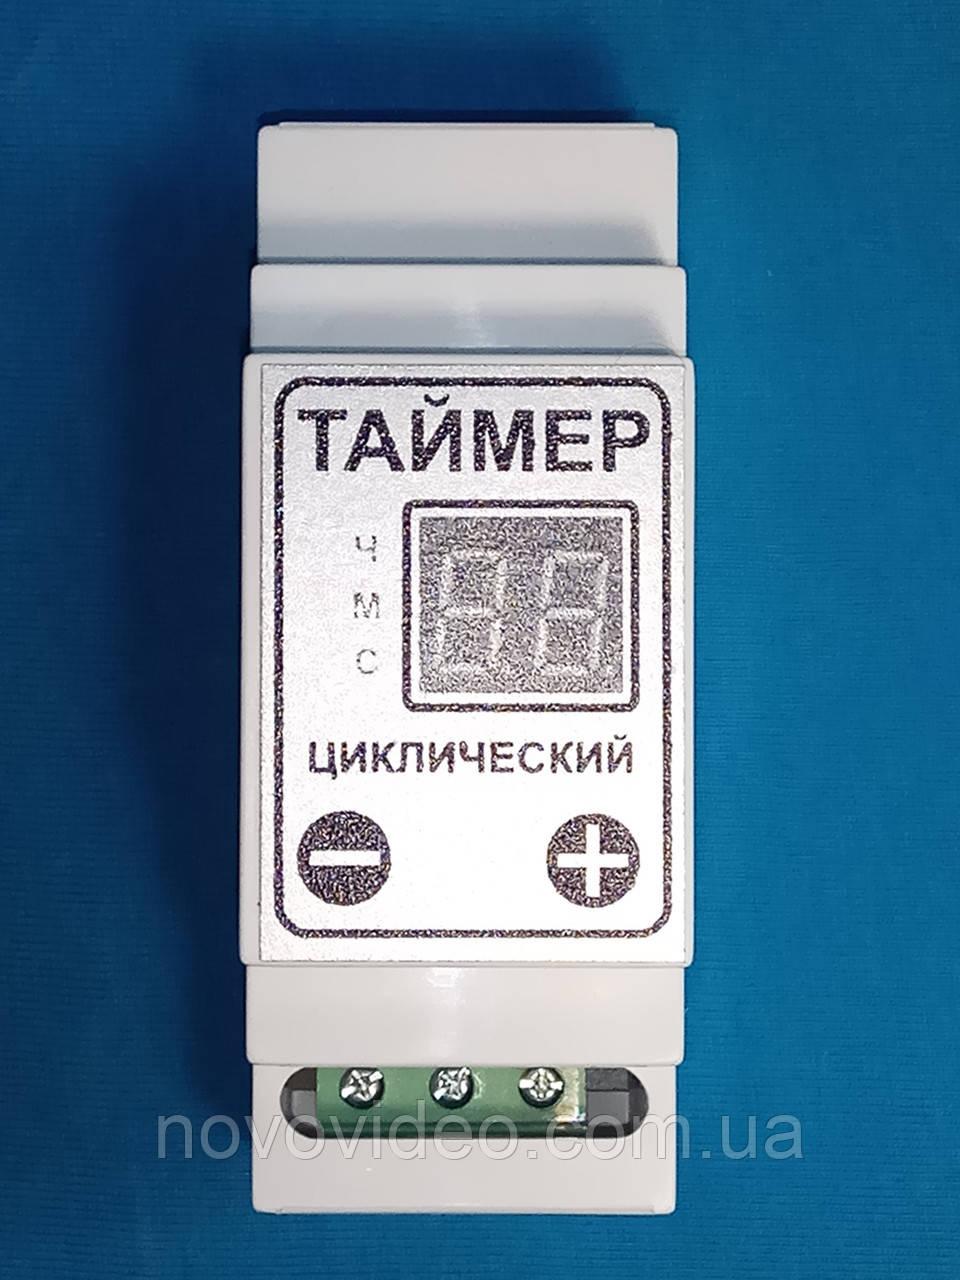 Таймер ТЦд-2 цифровой циклический на динрейку 10А